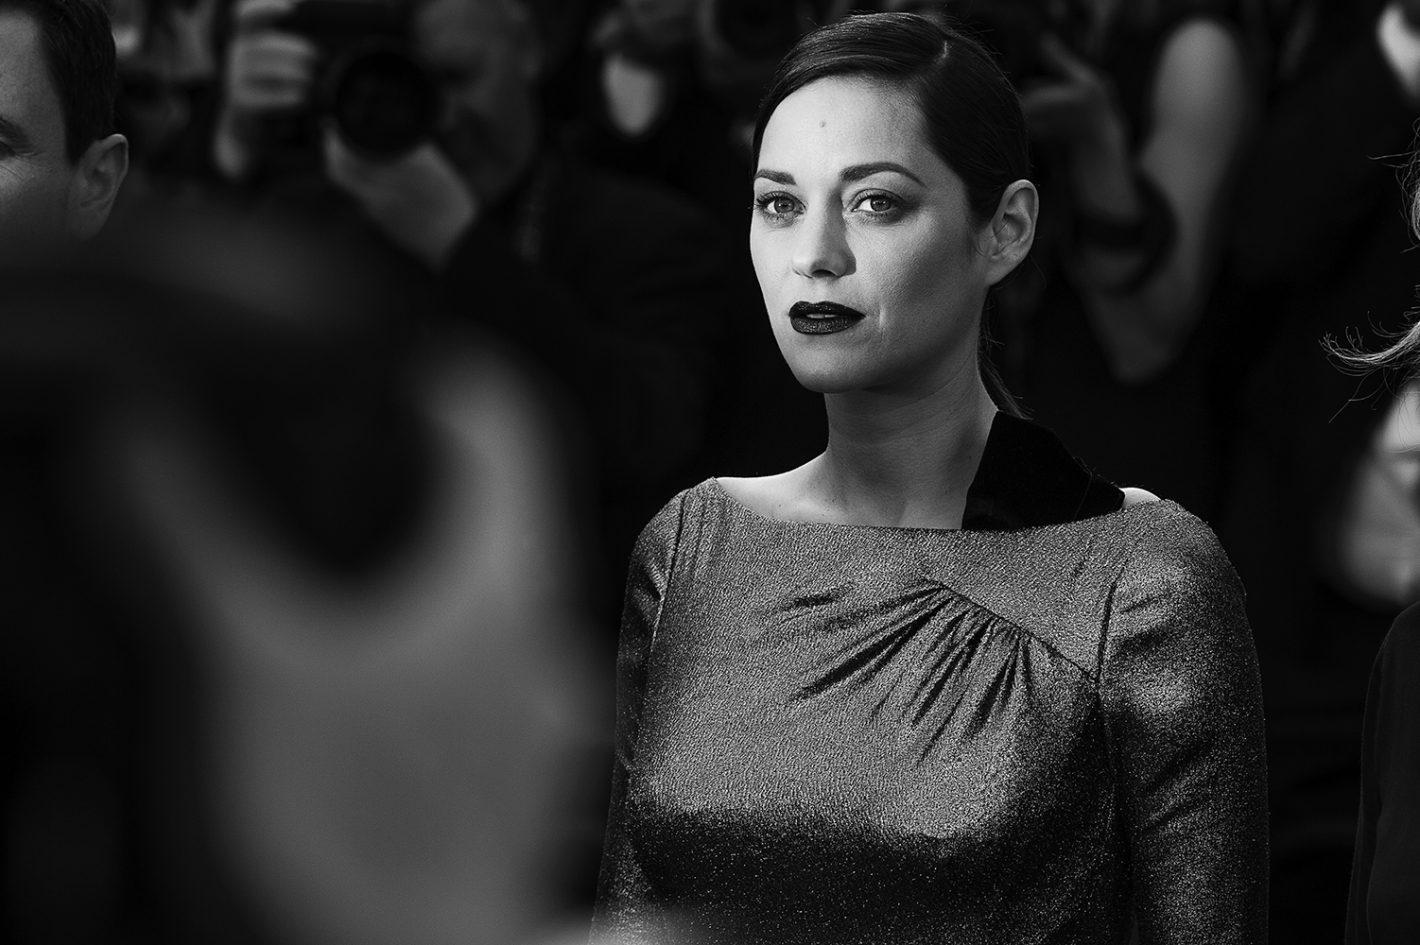 Festival de Cannes 2016 - Marion Cotillard - Nikon D4S